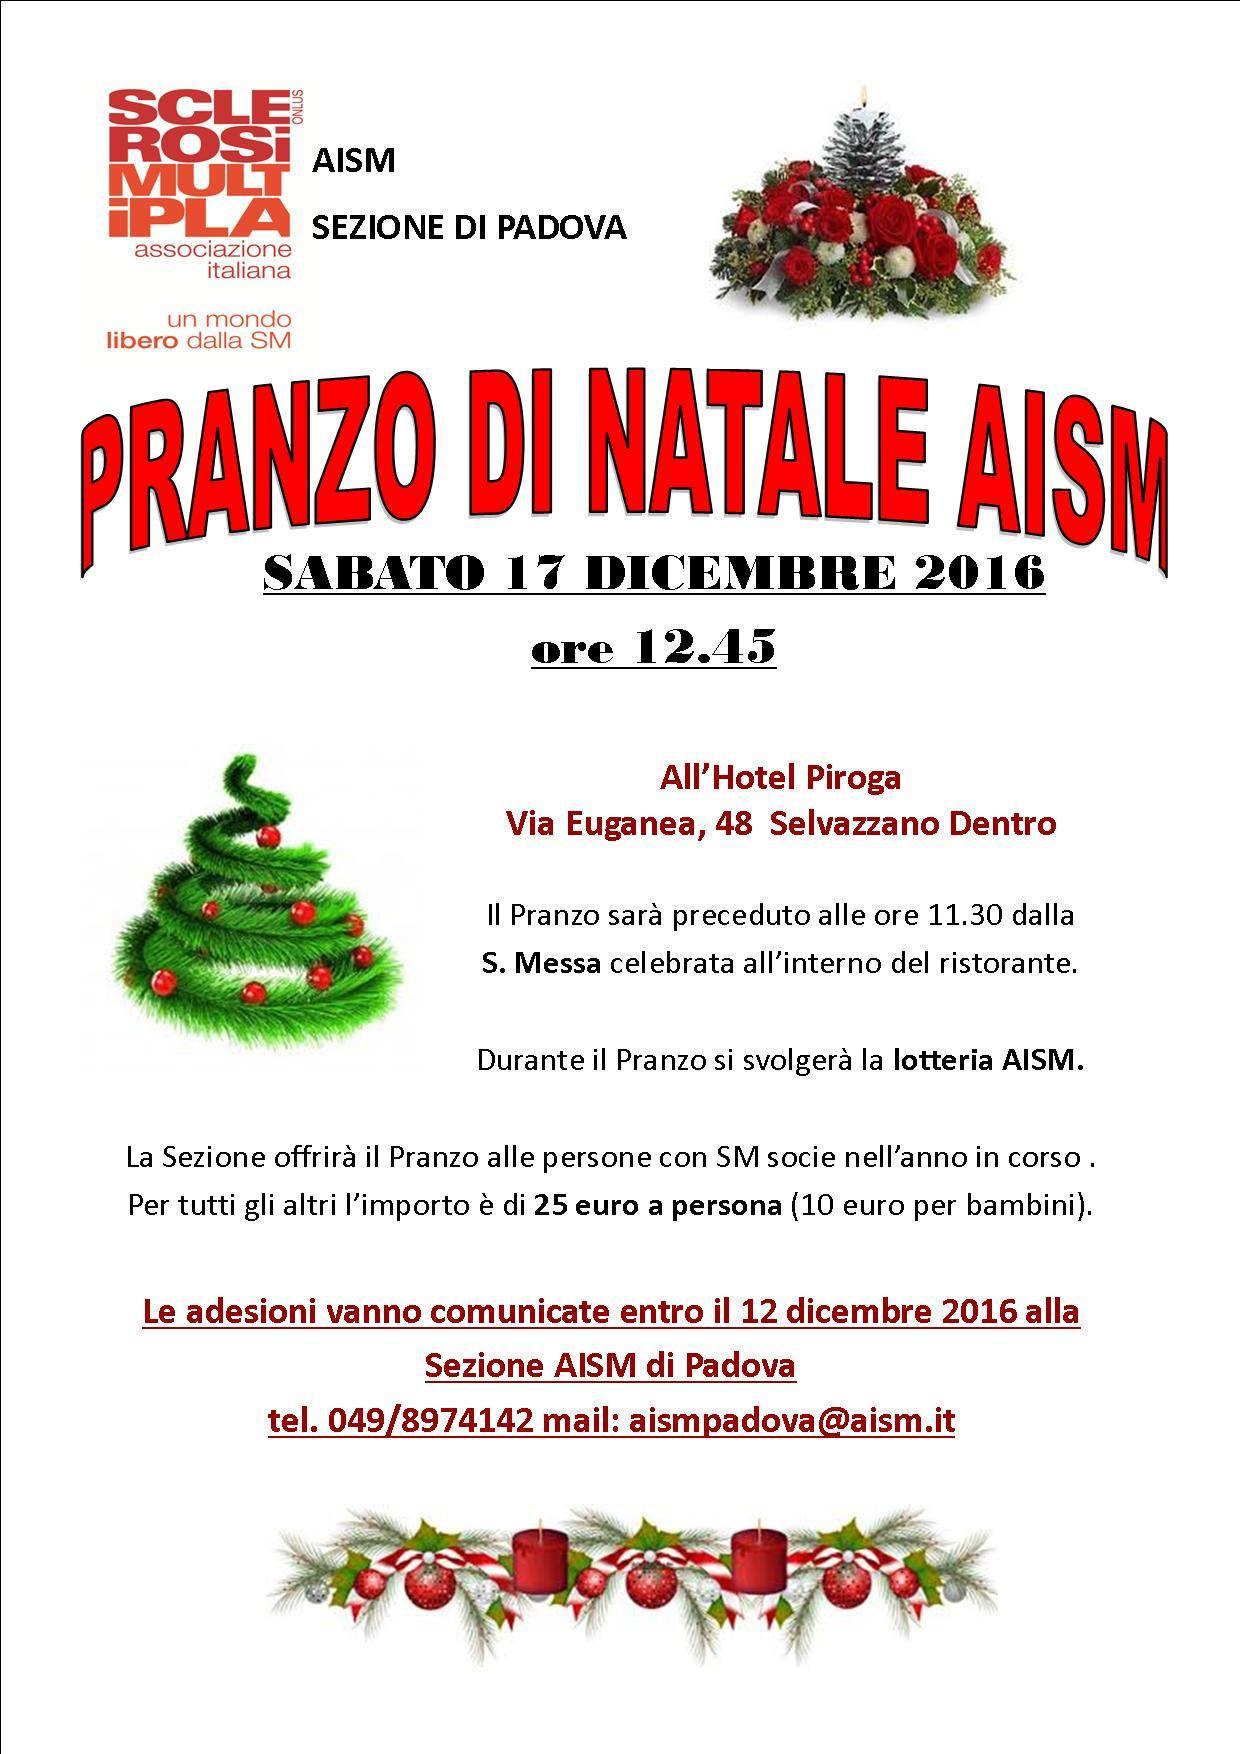 Pranzo di Natale 17 dicembre 2016